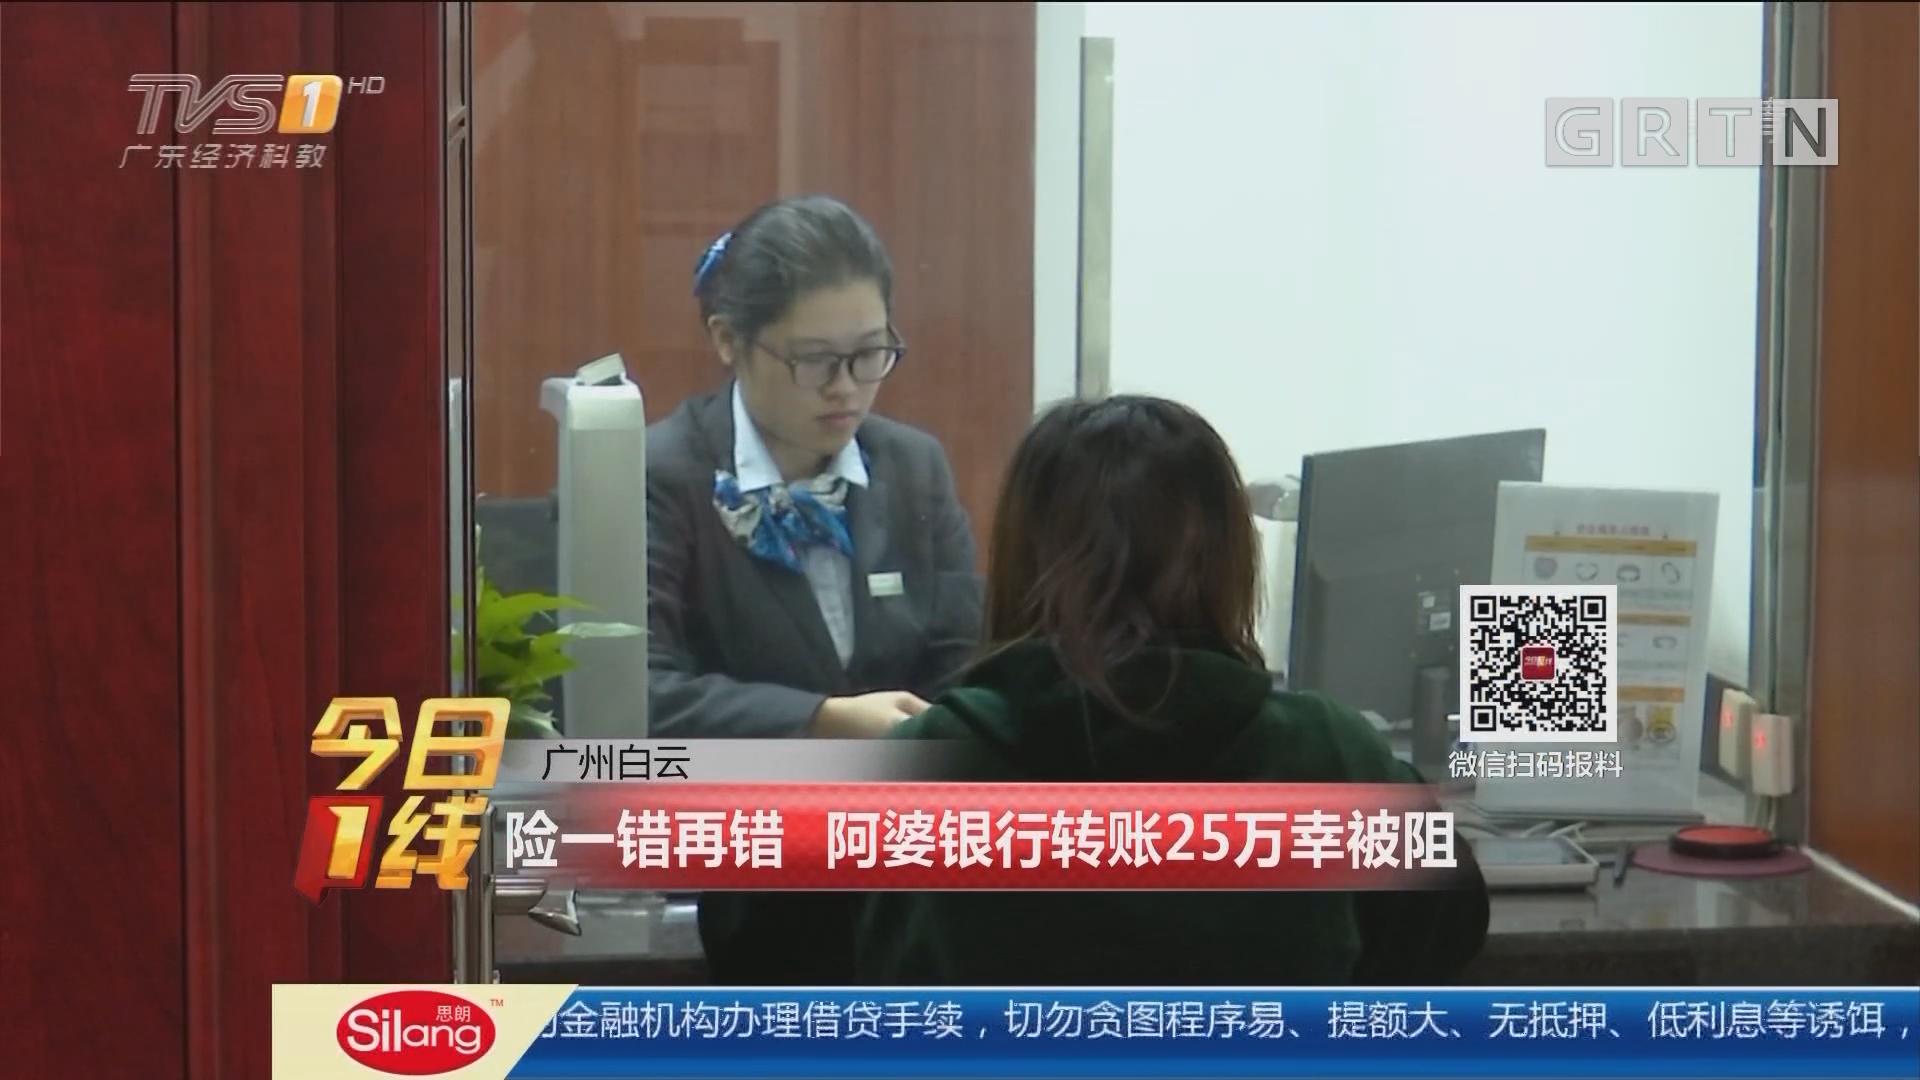 广州白云:险一错再错 阿婆银行转账25万幸被阻